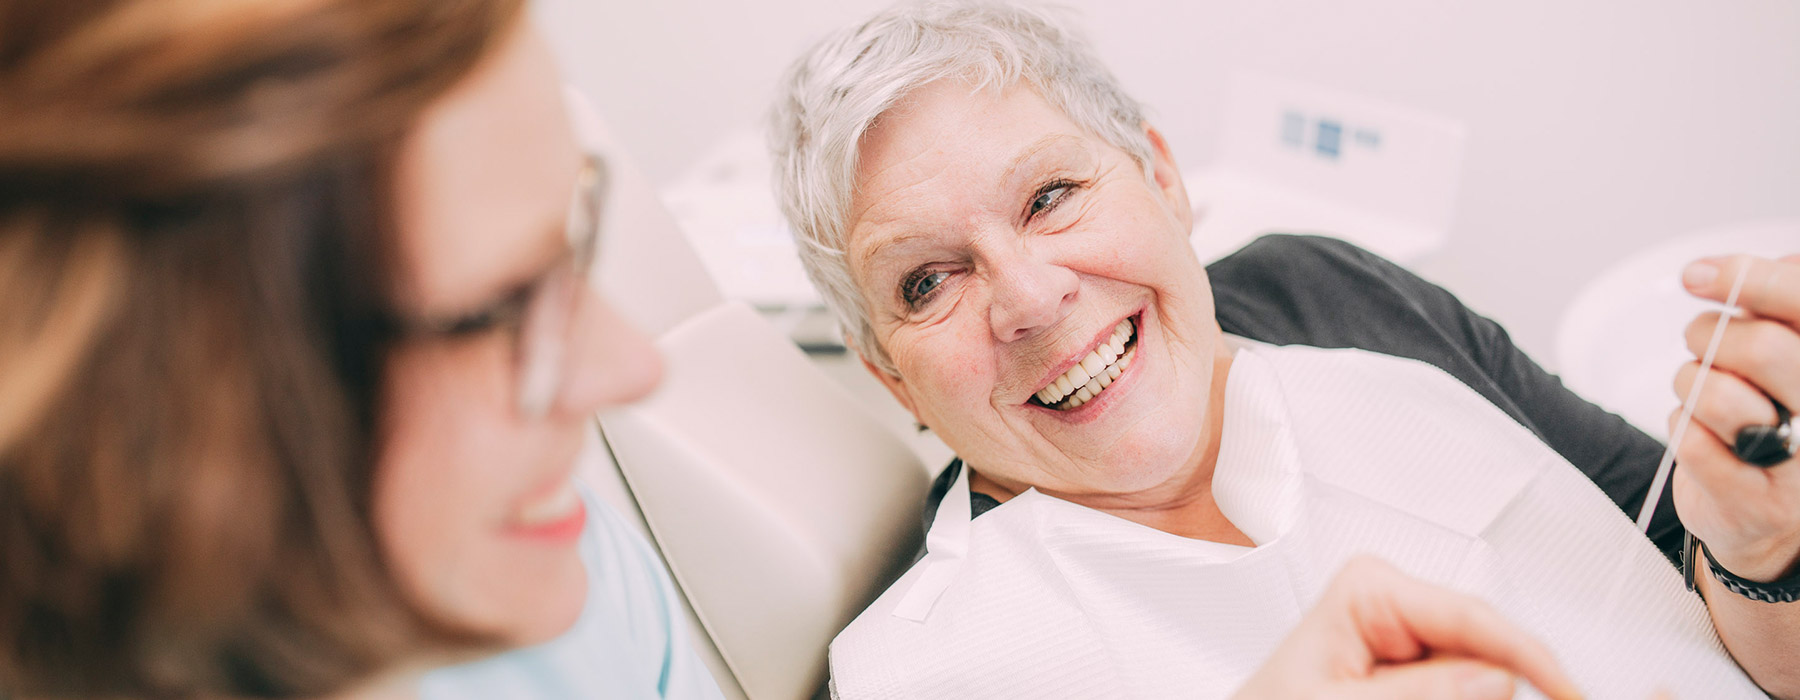 Frau fühlt sich als Angstpatientin beim Zahnarzt in Frankfurt gut aufgehoben.